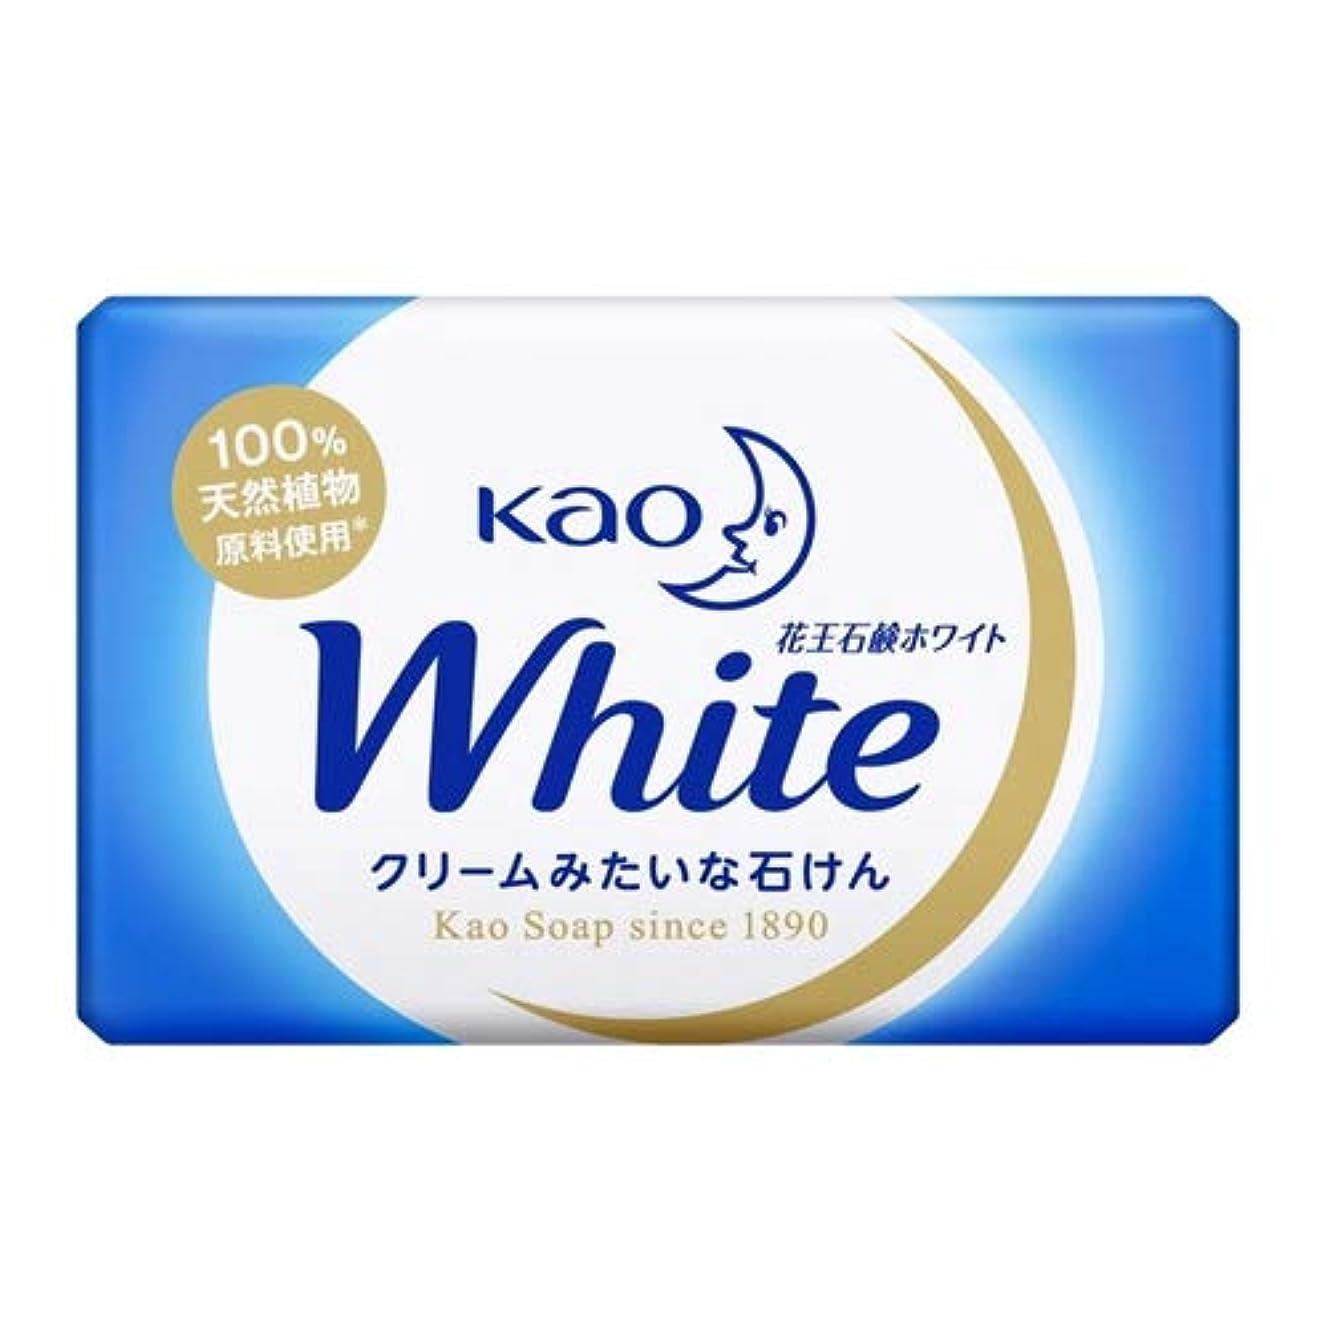 花王石鹸ホワイト 業務用ミニサイズ 15g × 500個セット